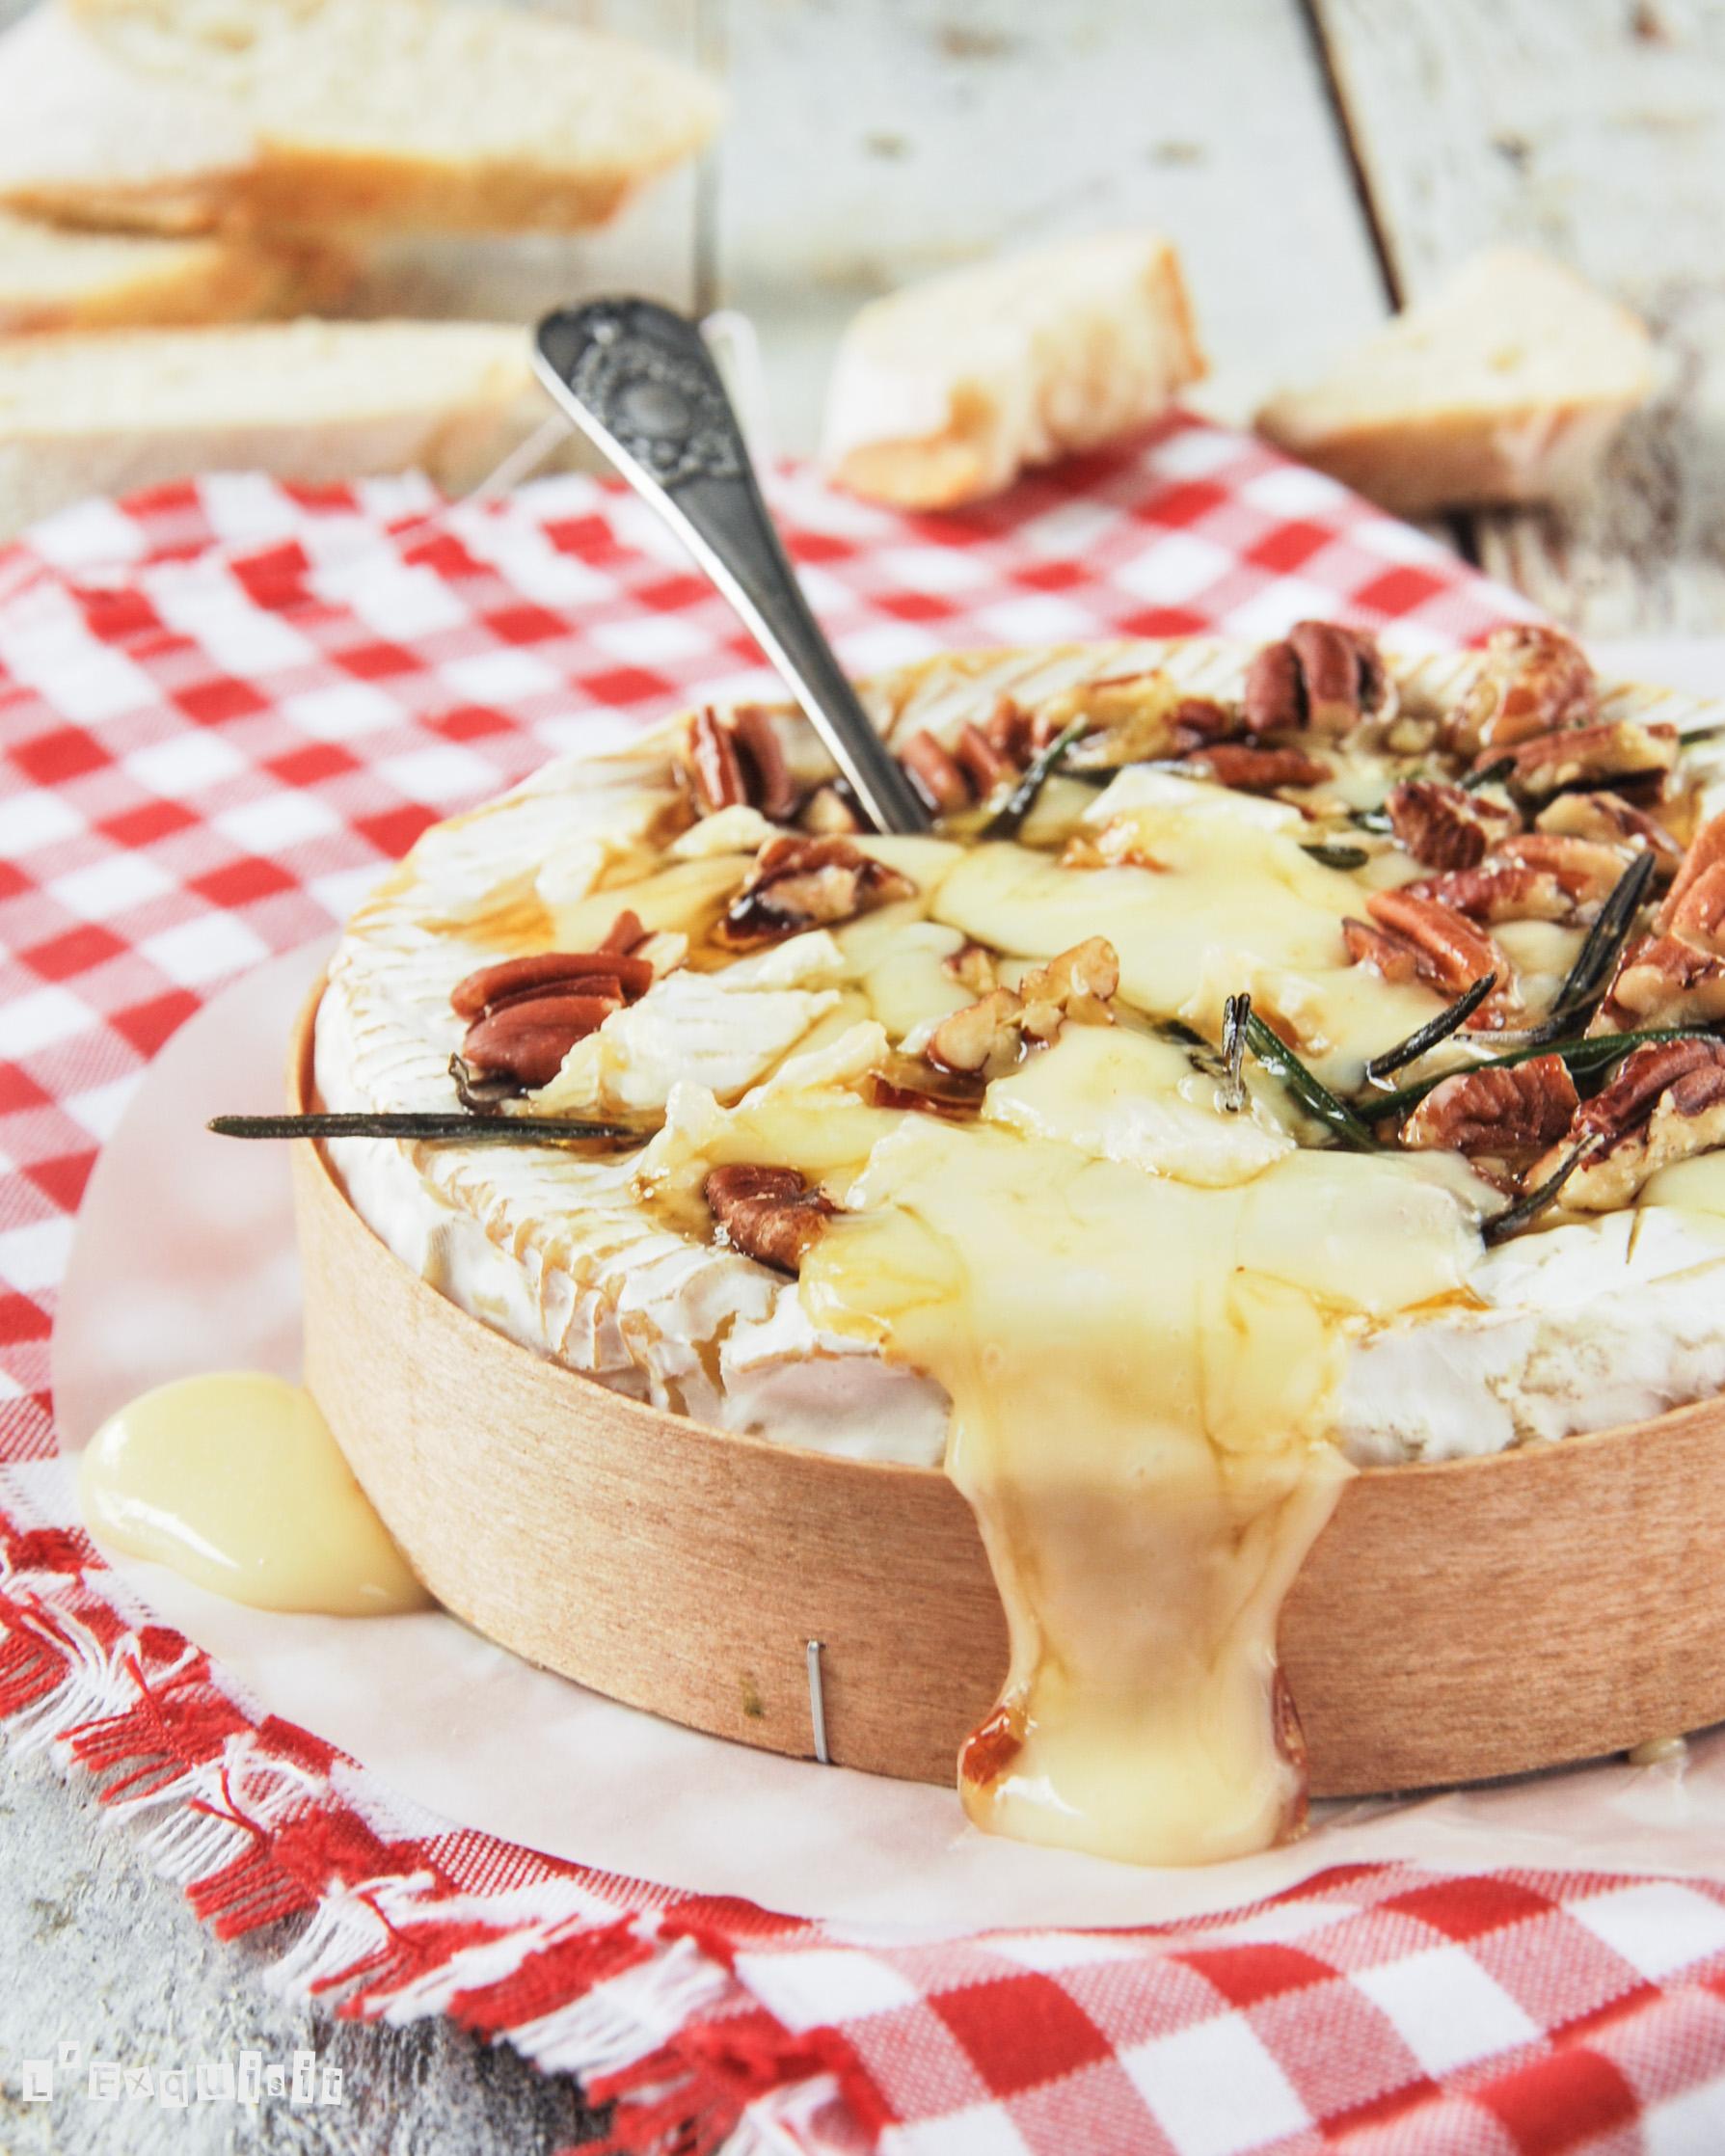 Brie al horno con romero, miel y nueces